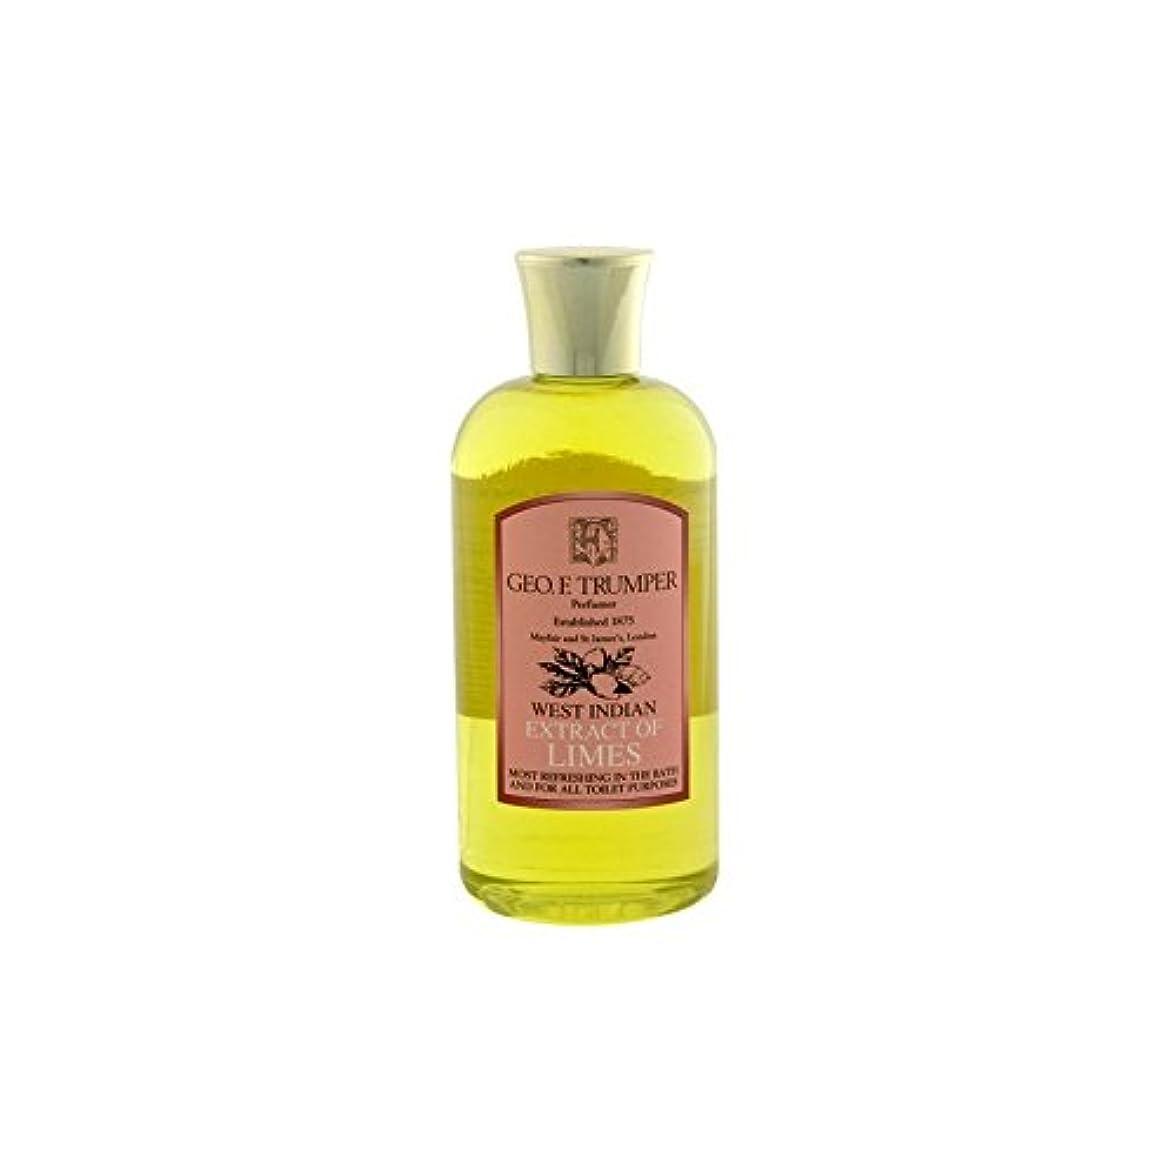 マオリぼろラショナルライムのバス&シャワージェル - 500ミリリットル旅 x2 - Trumpers Limes Bath & Shower Gel - 500ml Travel (Pack of 2) [並行輸入品]